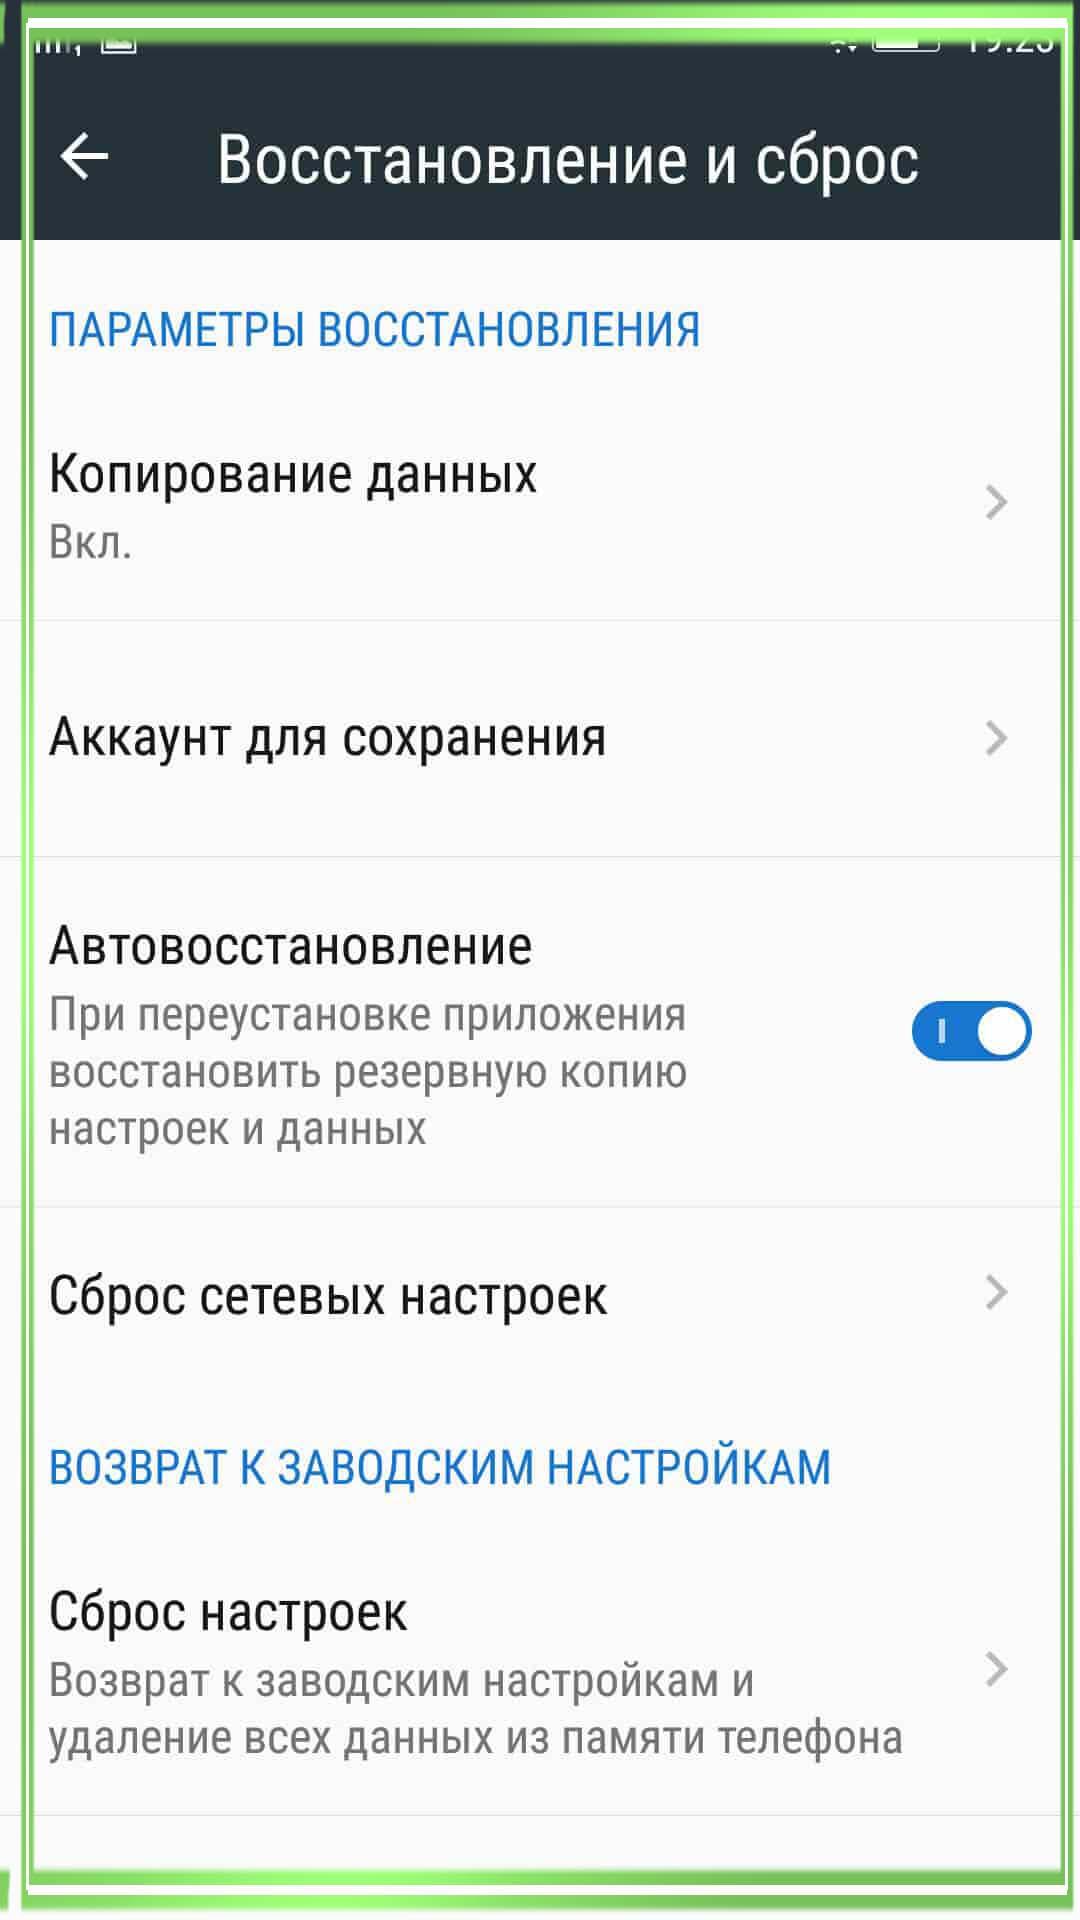 как восстановить аккаунт гугл на андроиде после сброса настроек самсунг